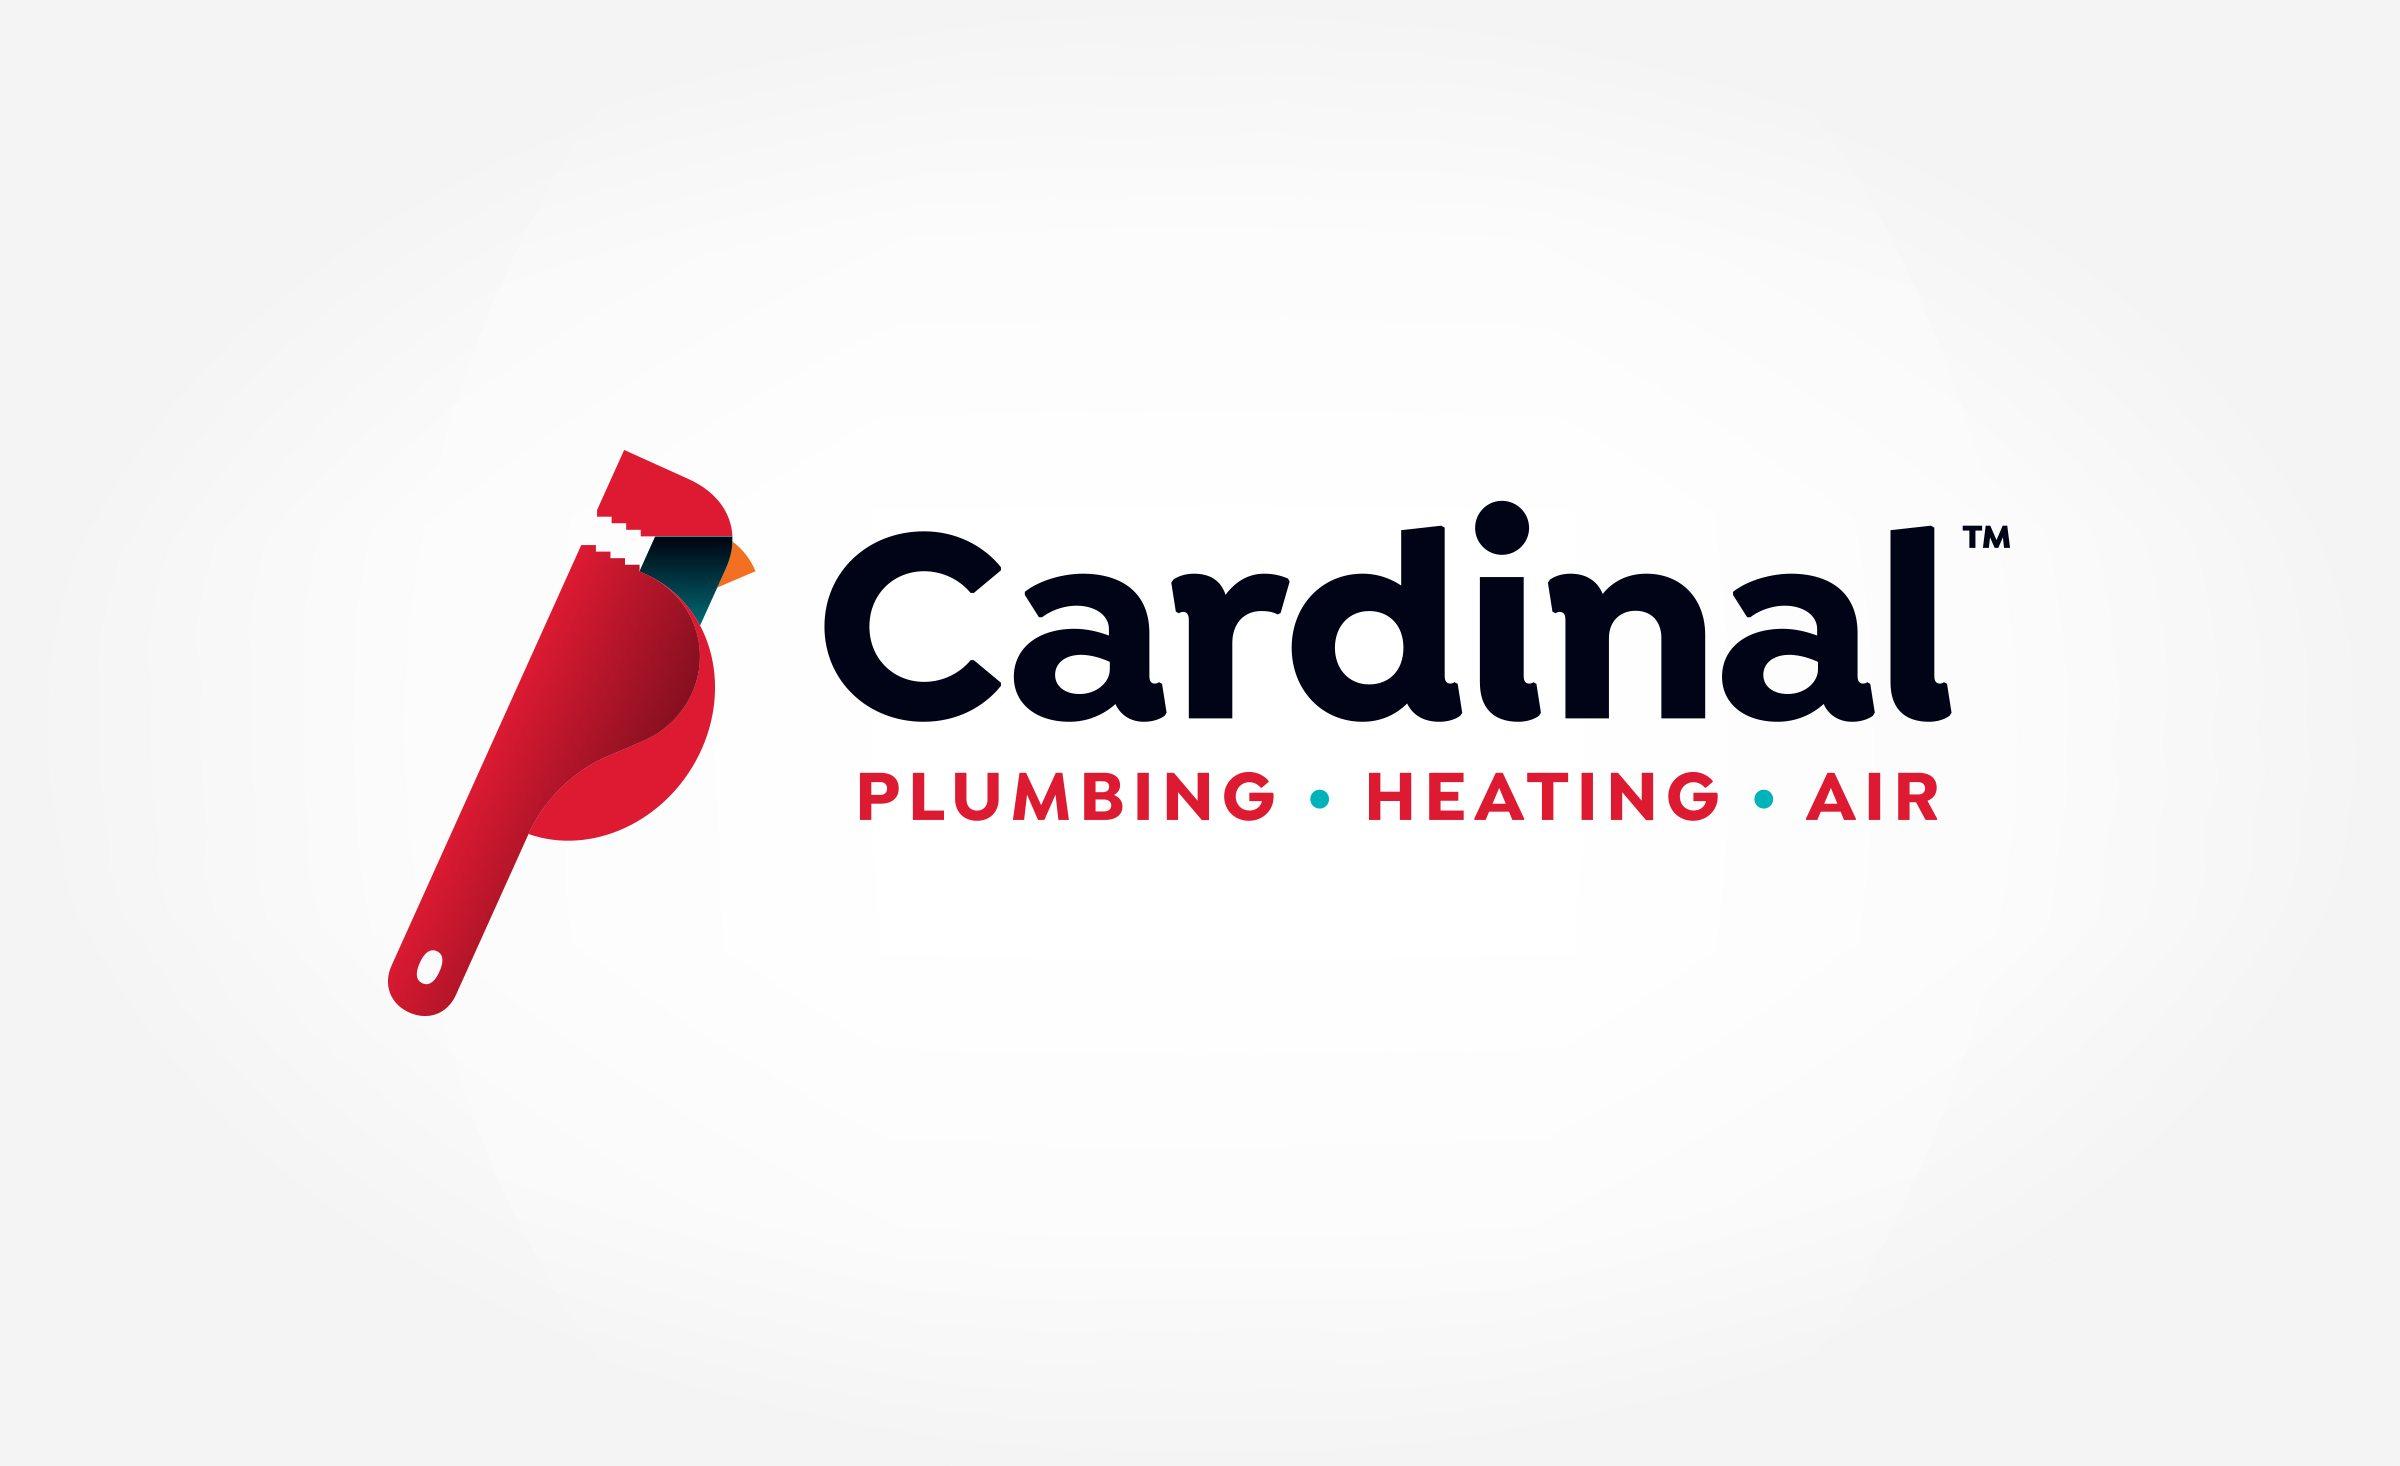 Cardinal Plumbing, Heating & Air